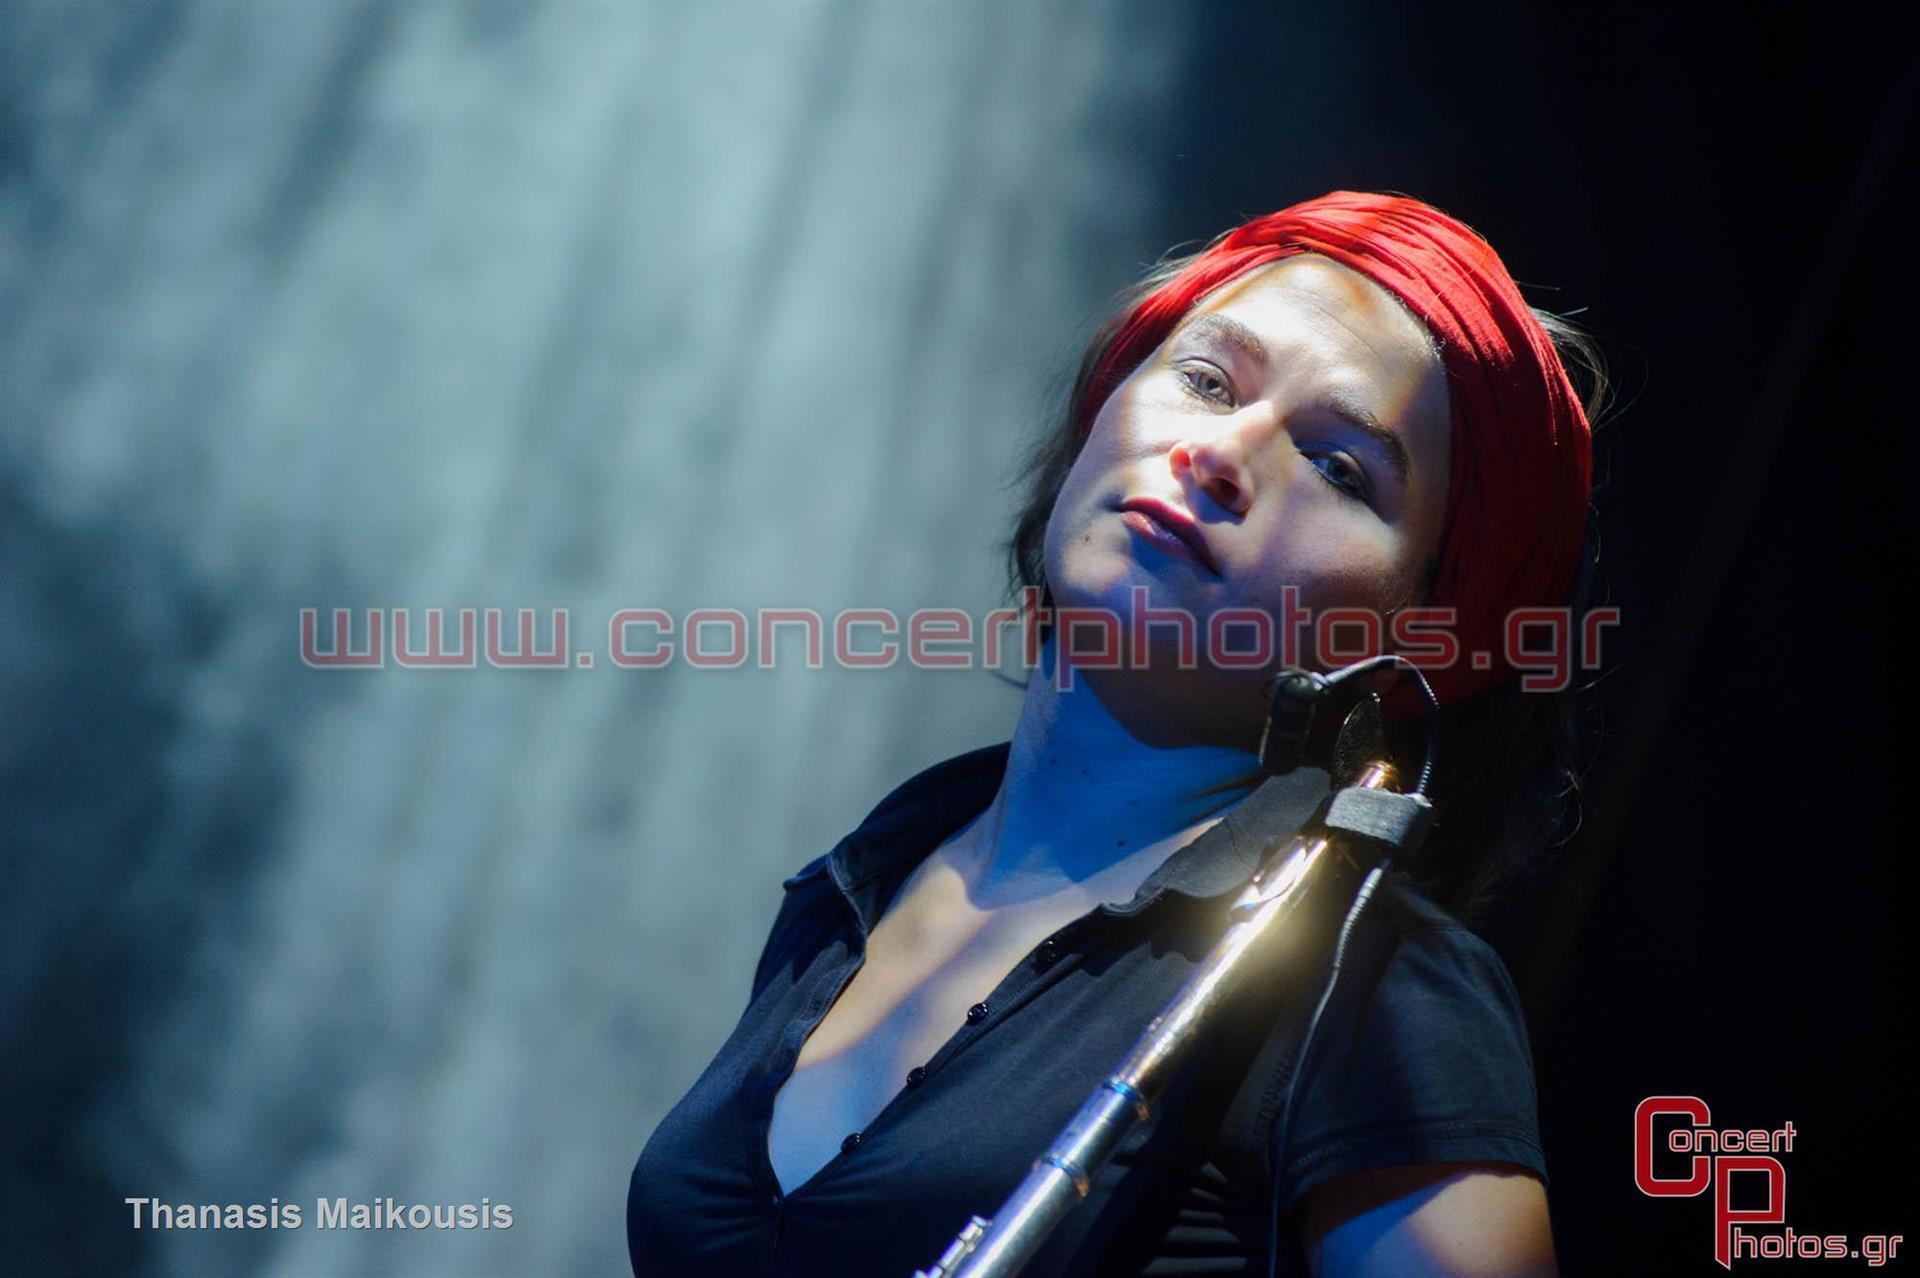 Wax Tailor - photographer: Thanasis Maikousis - ConcertPhotos-7754